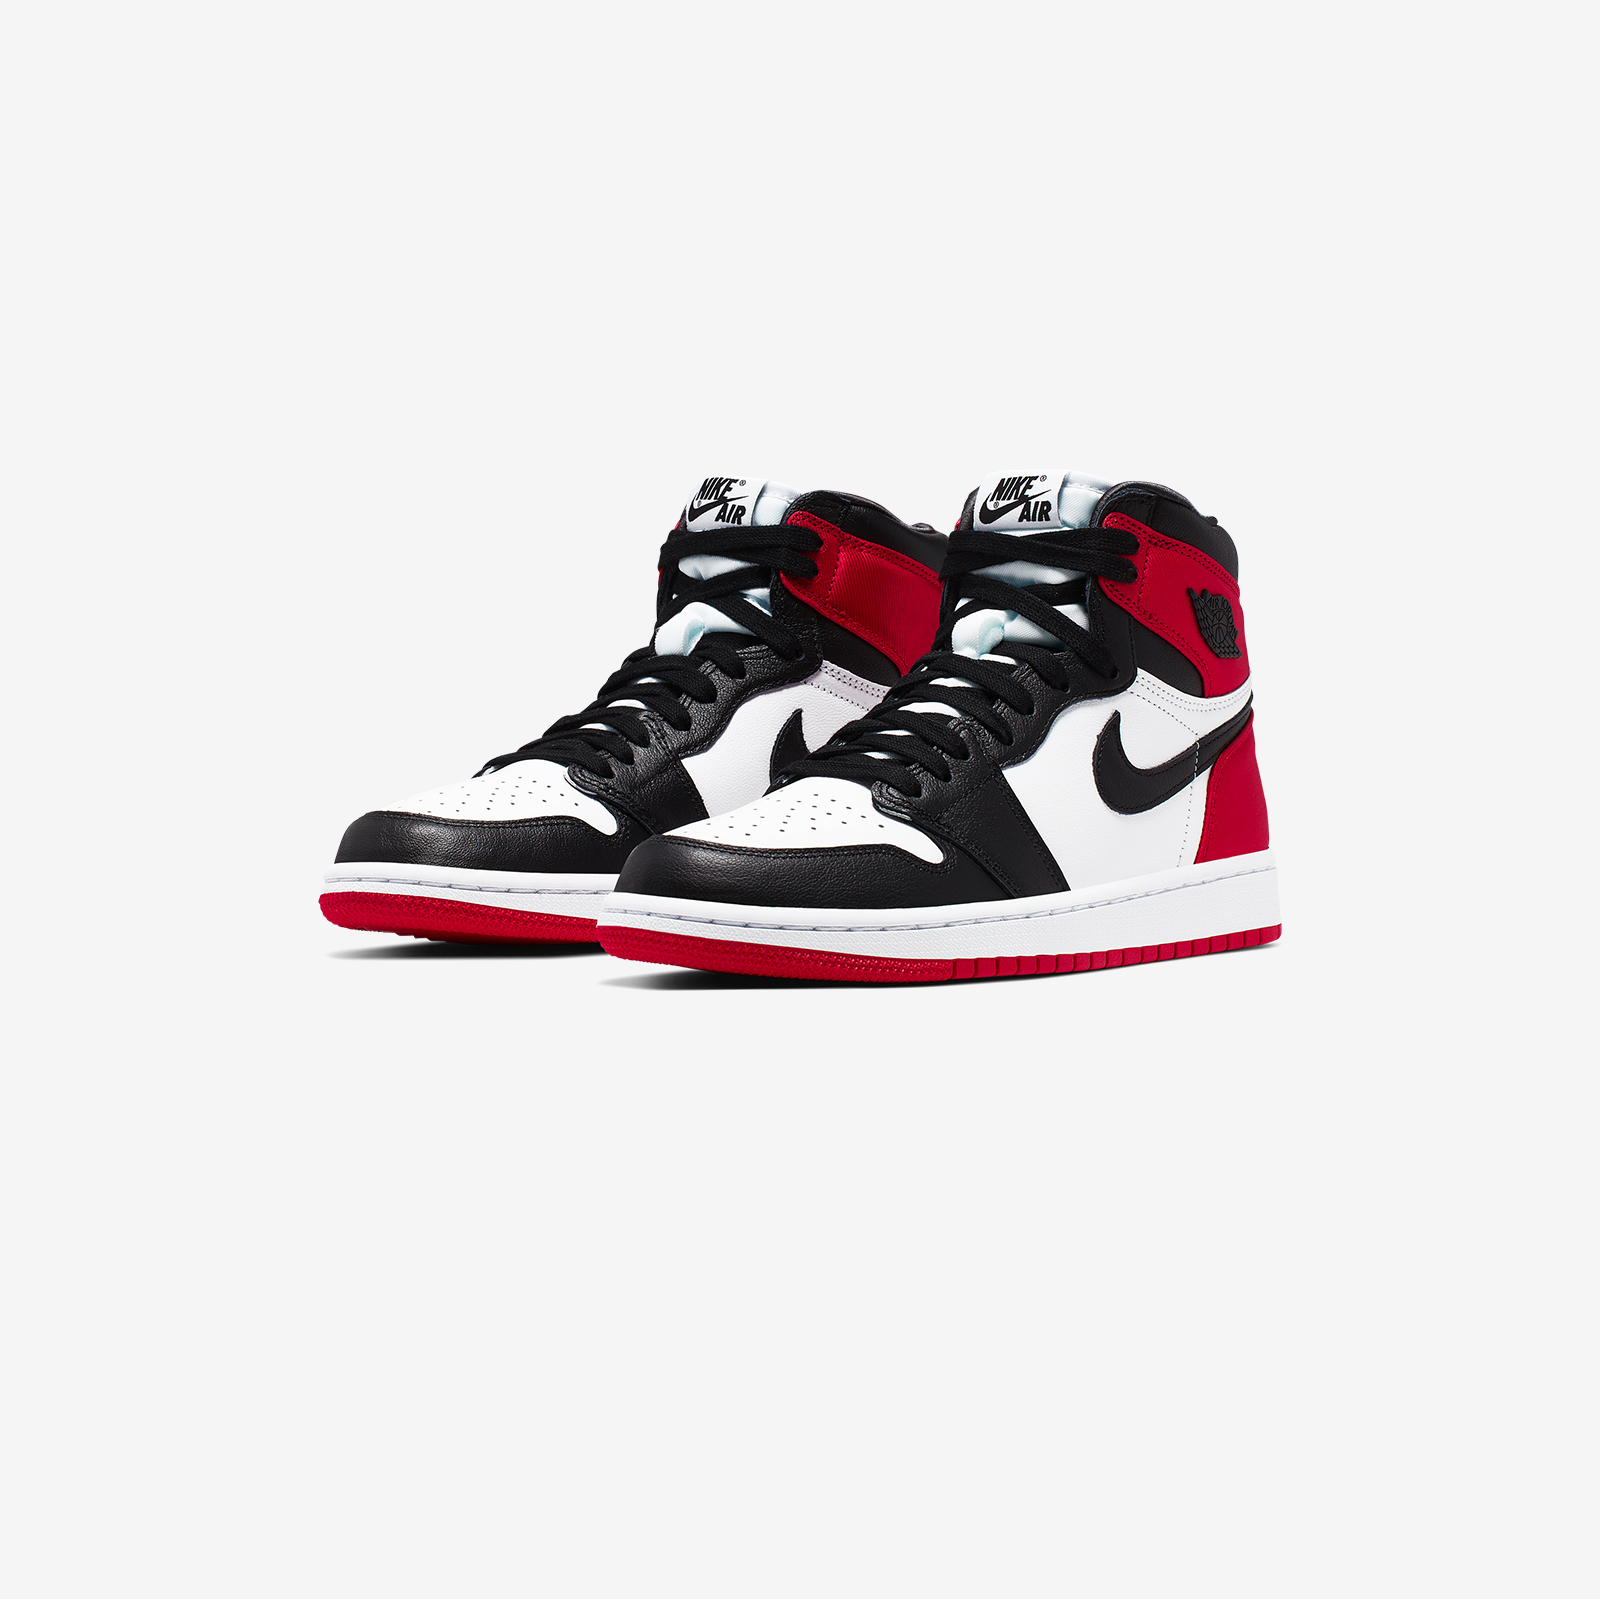 Jordan Brand Wmns Air Jordan 1 High OG - Cd0461-016 - SNS ...